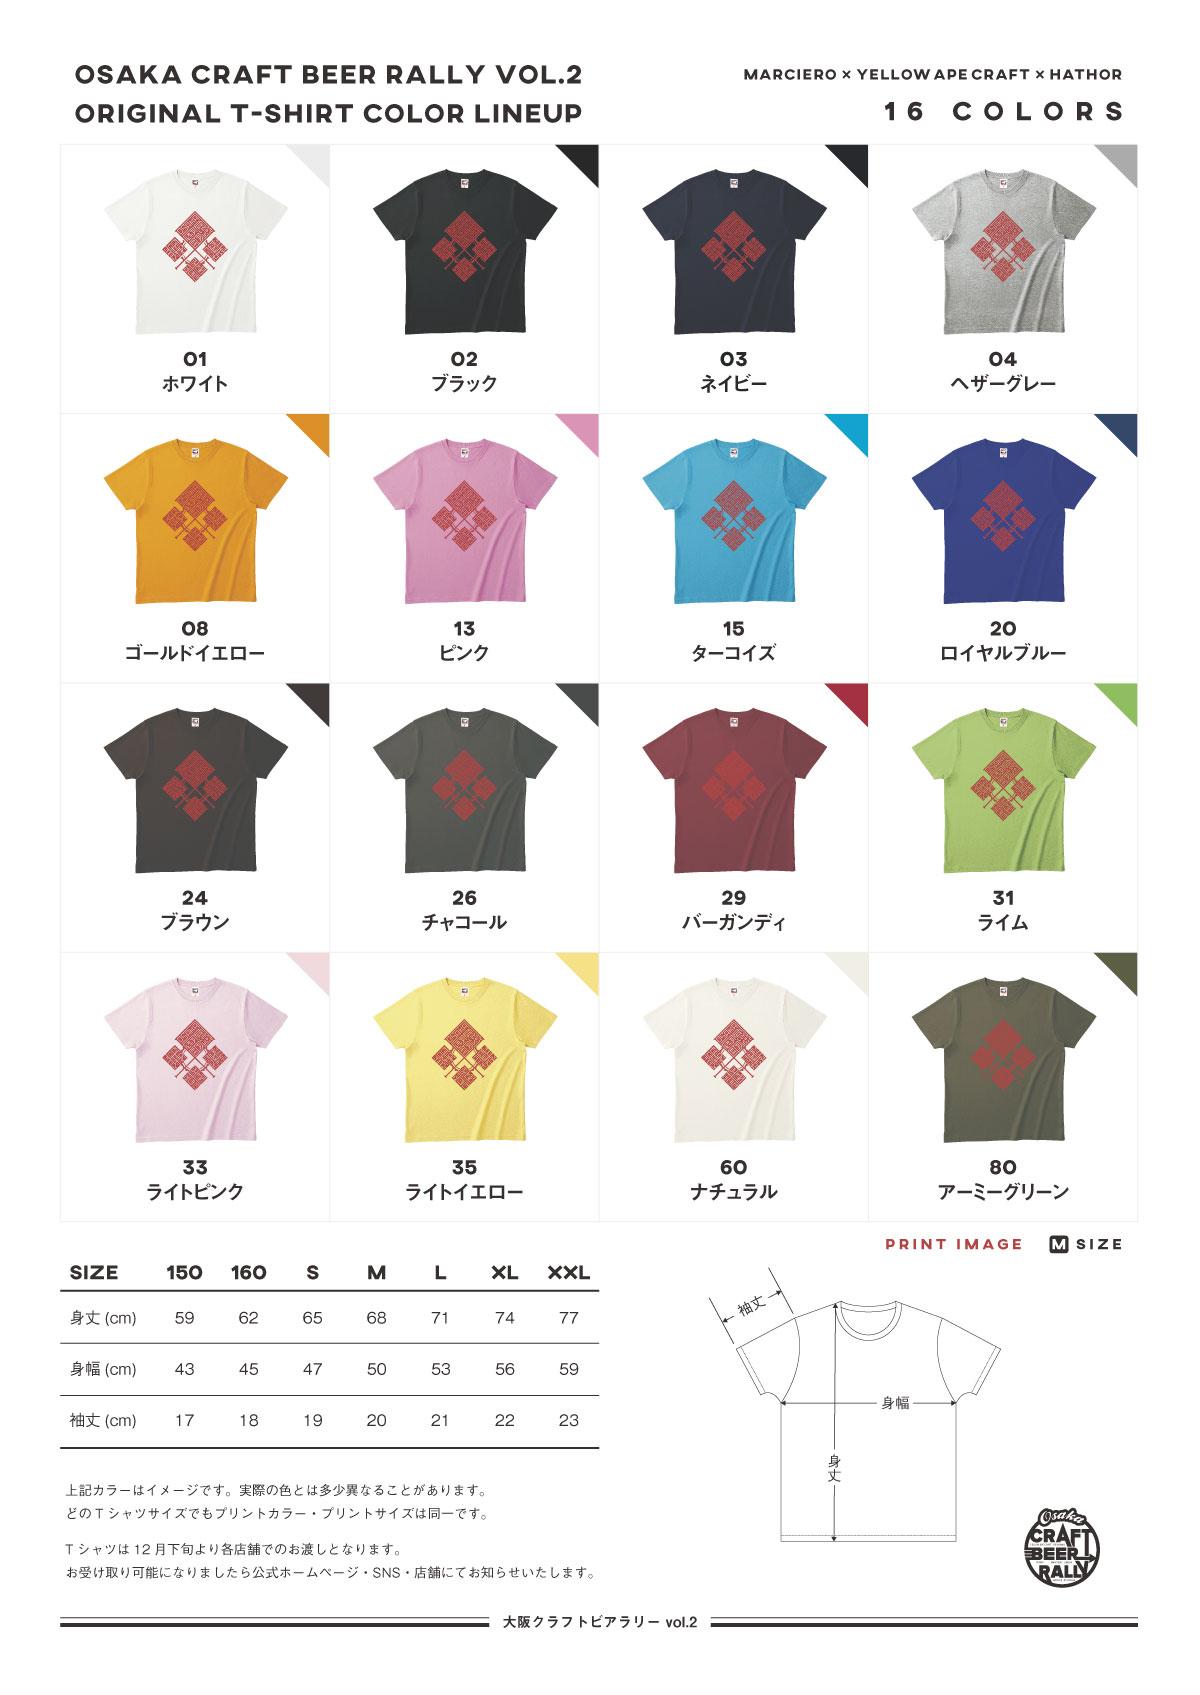 オリジナルTシャツ カラーラインナップ